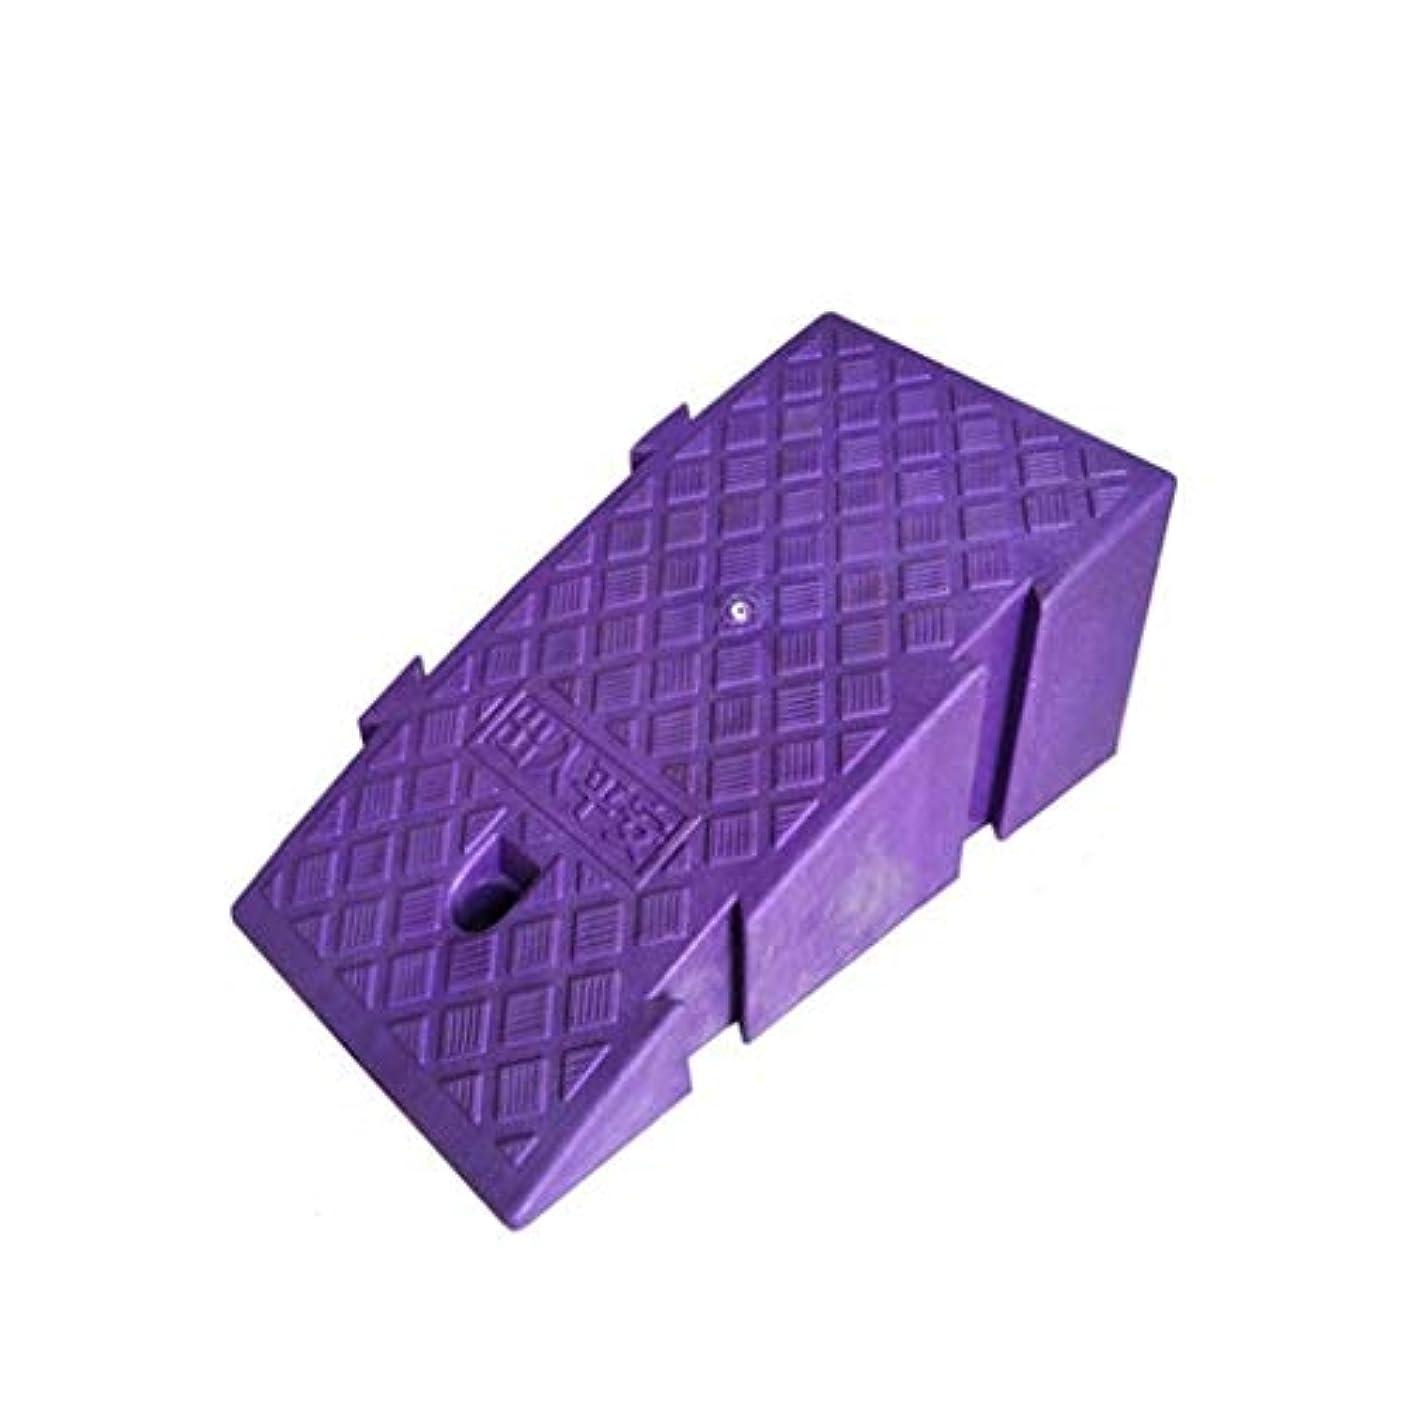 バラ色ヤギ線オートバイのスロープマット、プラスチックスプライス可能な車椅子傾斜の世帯のステップ傾斜パッドバー駐車場入口サービス傾斜高さ:16CM / 19CM (Color : Purple, Size : 25*40*16CM)